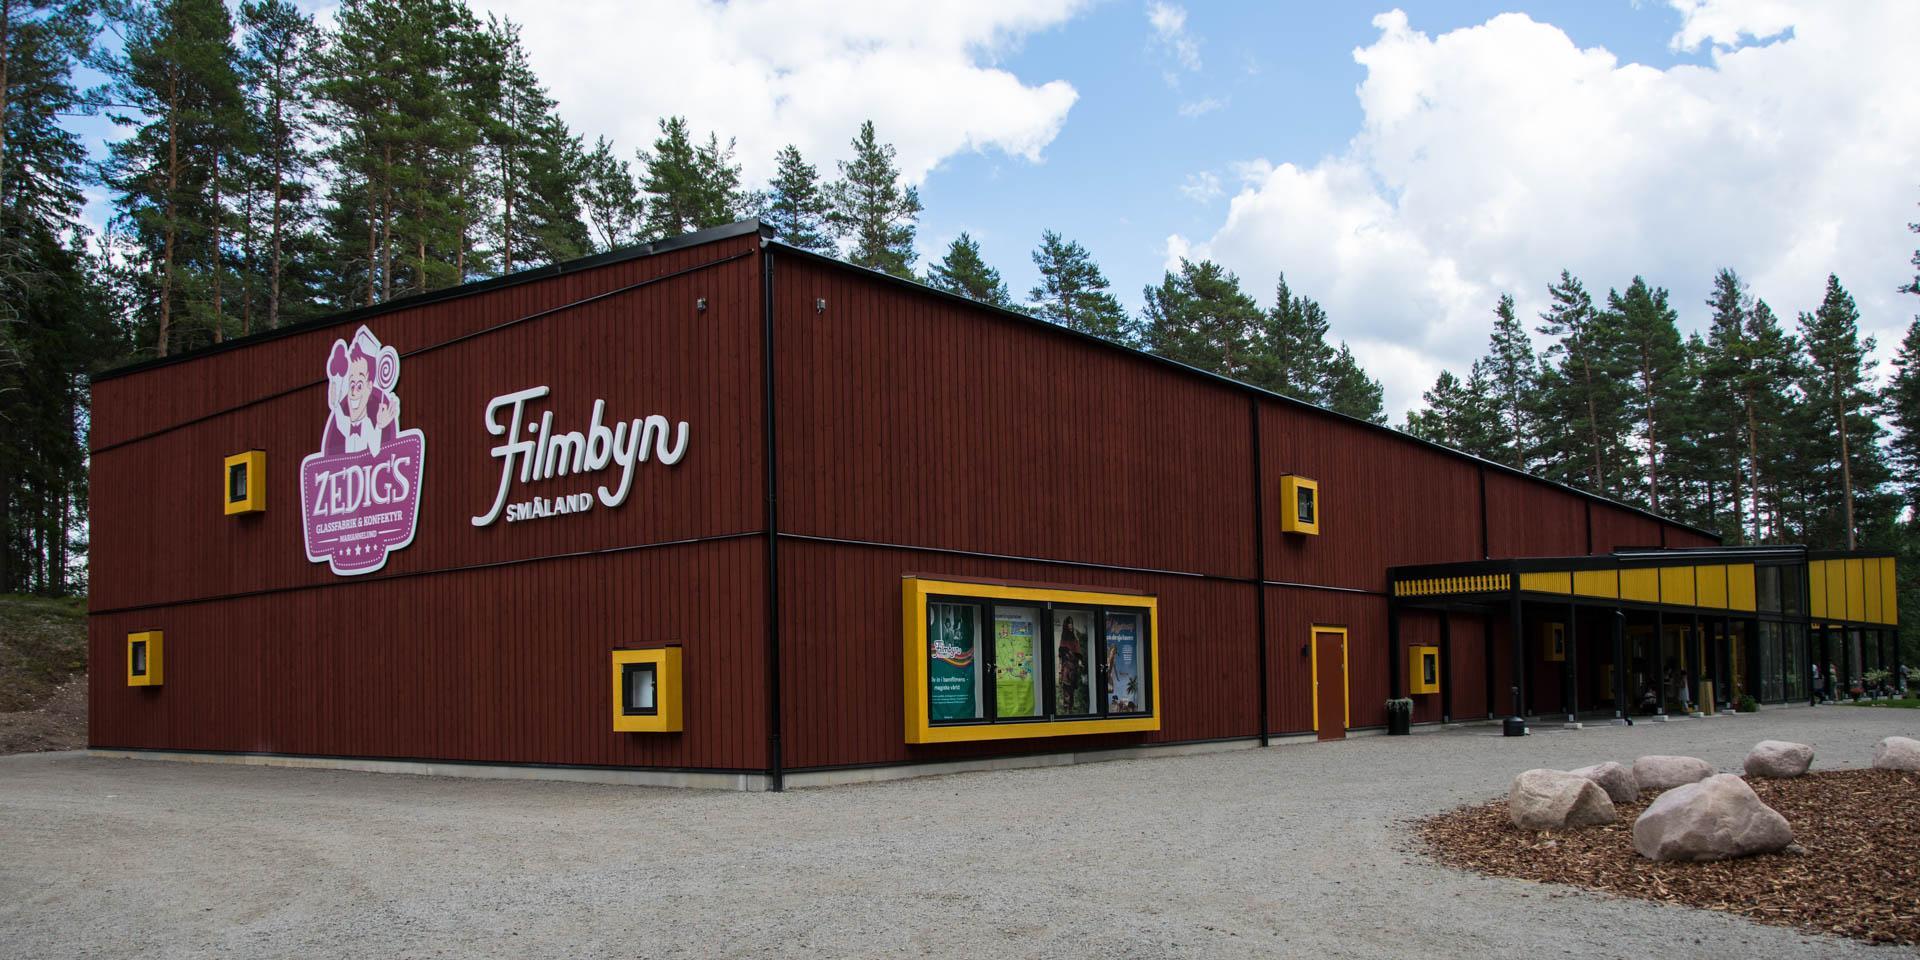 Filmbyn Småland 2017